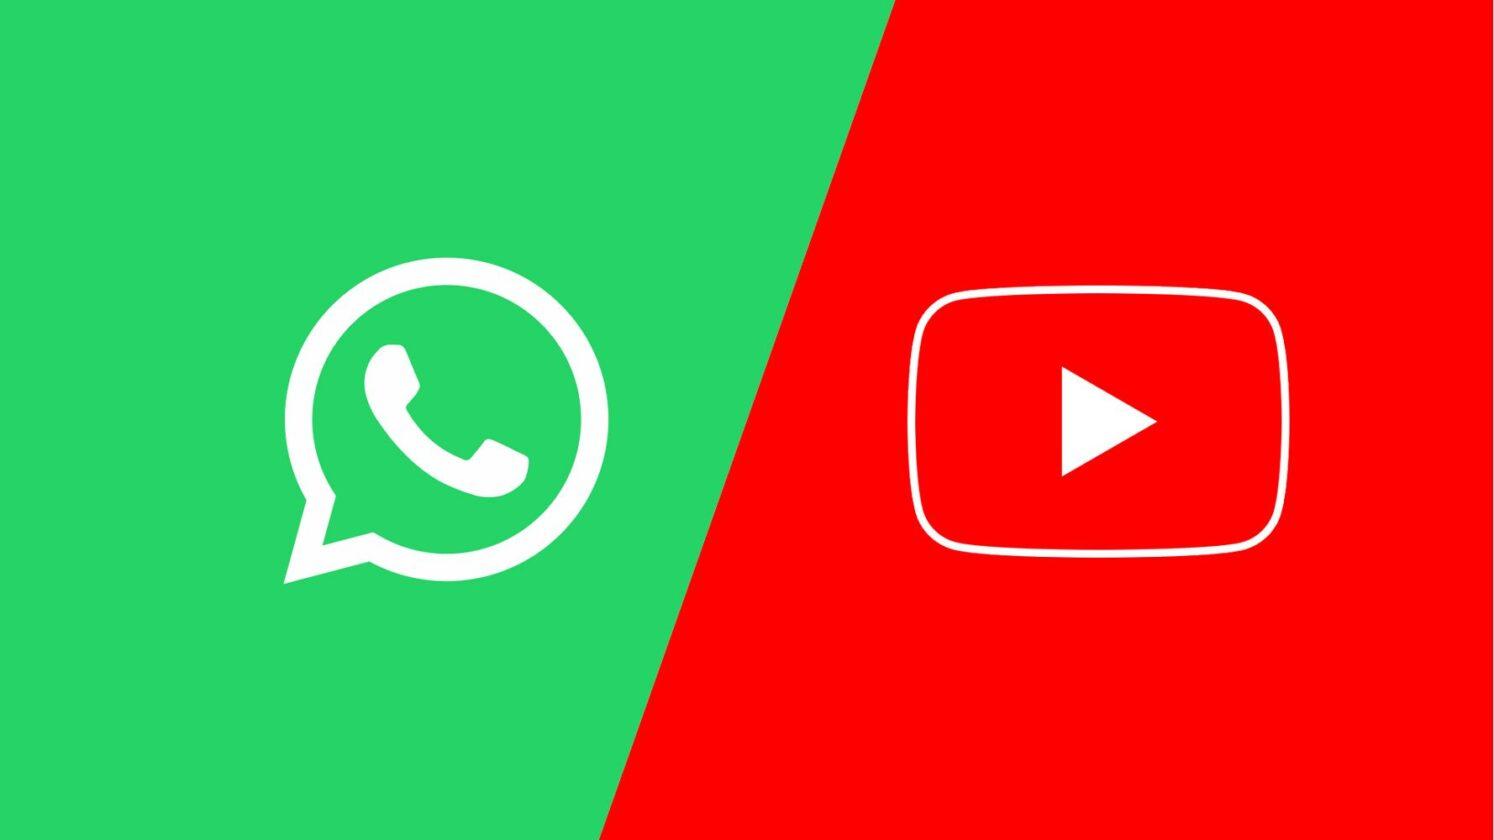 Le Bogue Whatsapp Qui Empêche Le Chargement Des Aperçus Youtube